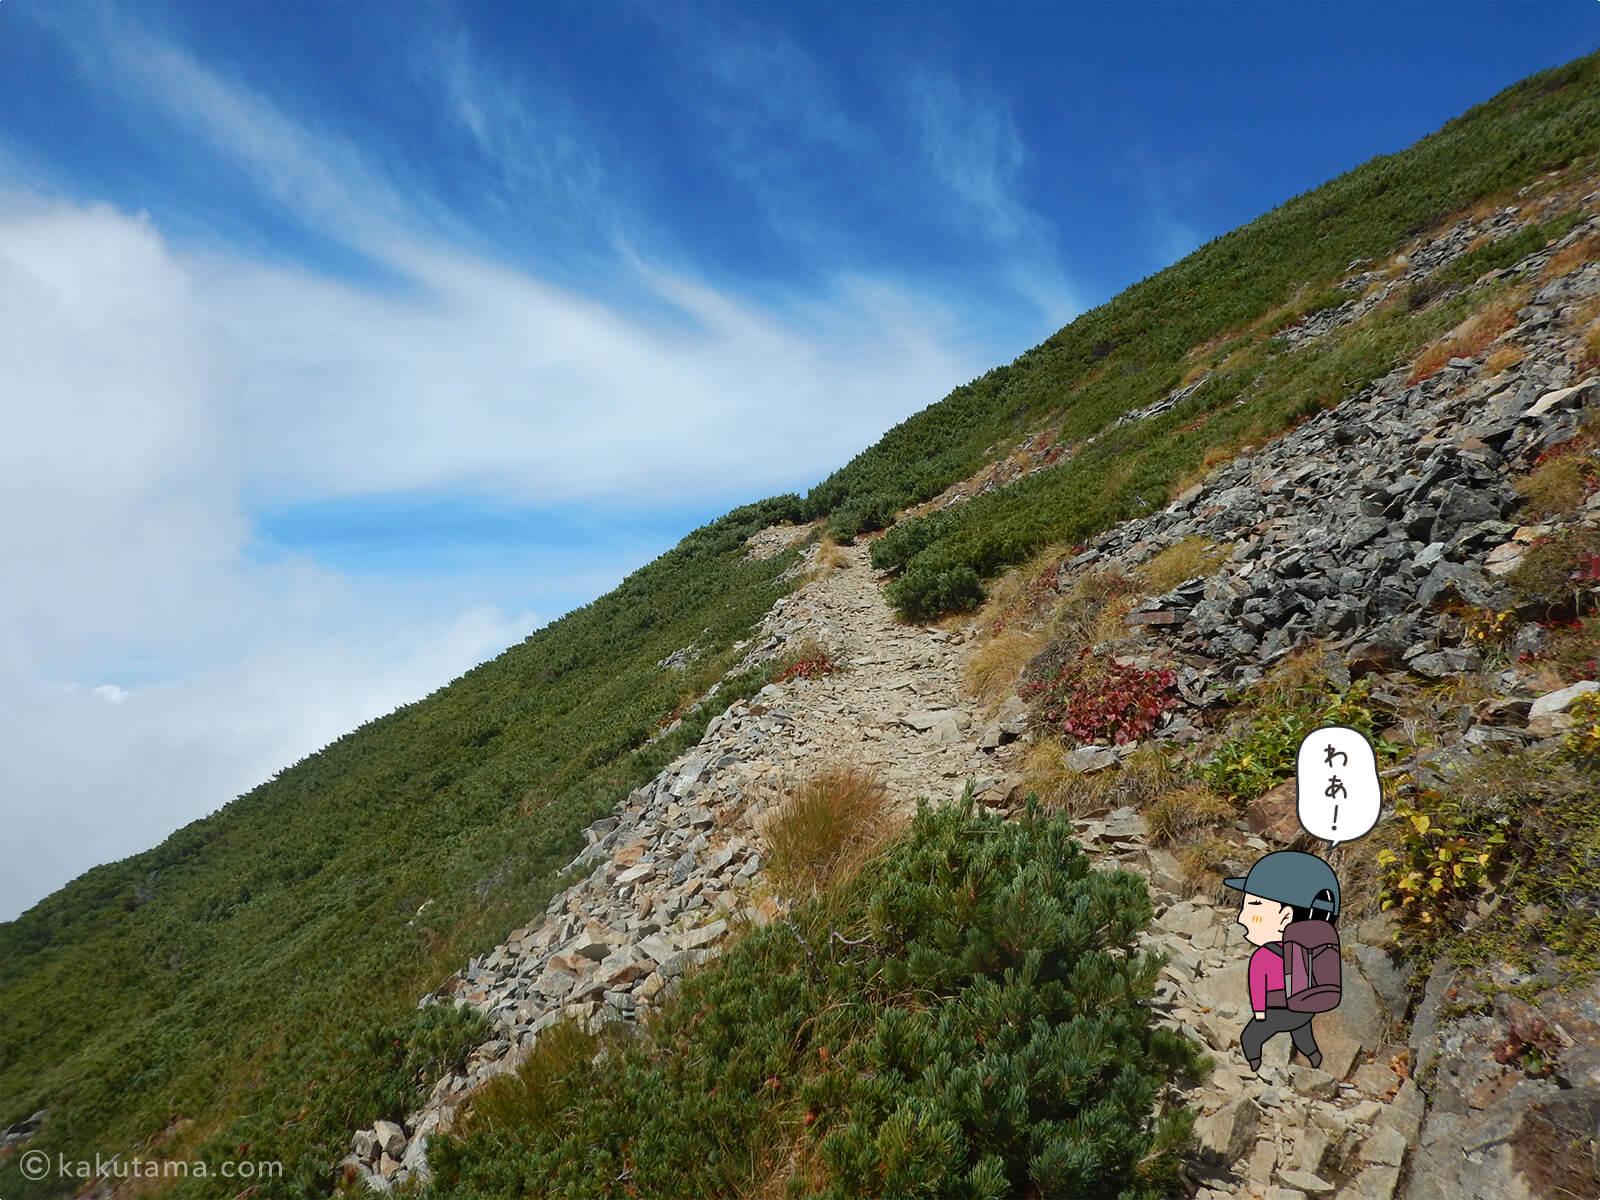 鹿島槍ヶ岳にまつわる写真